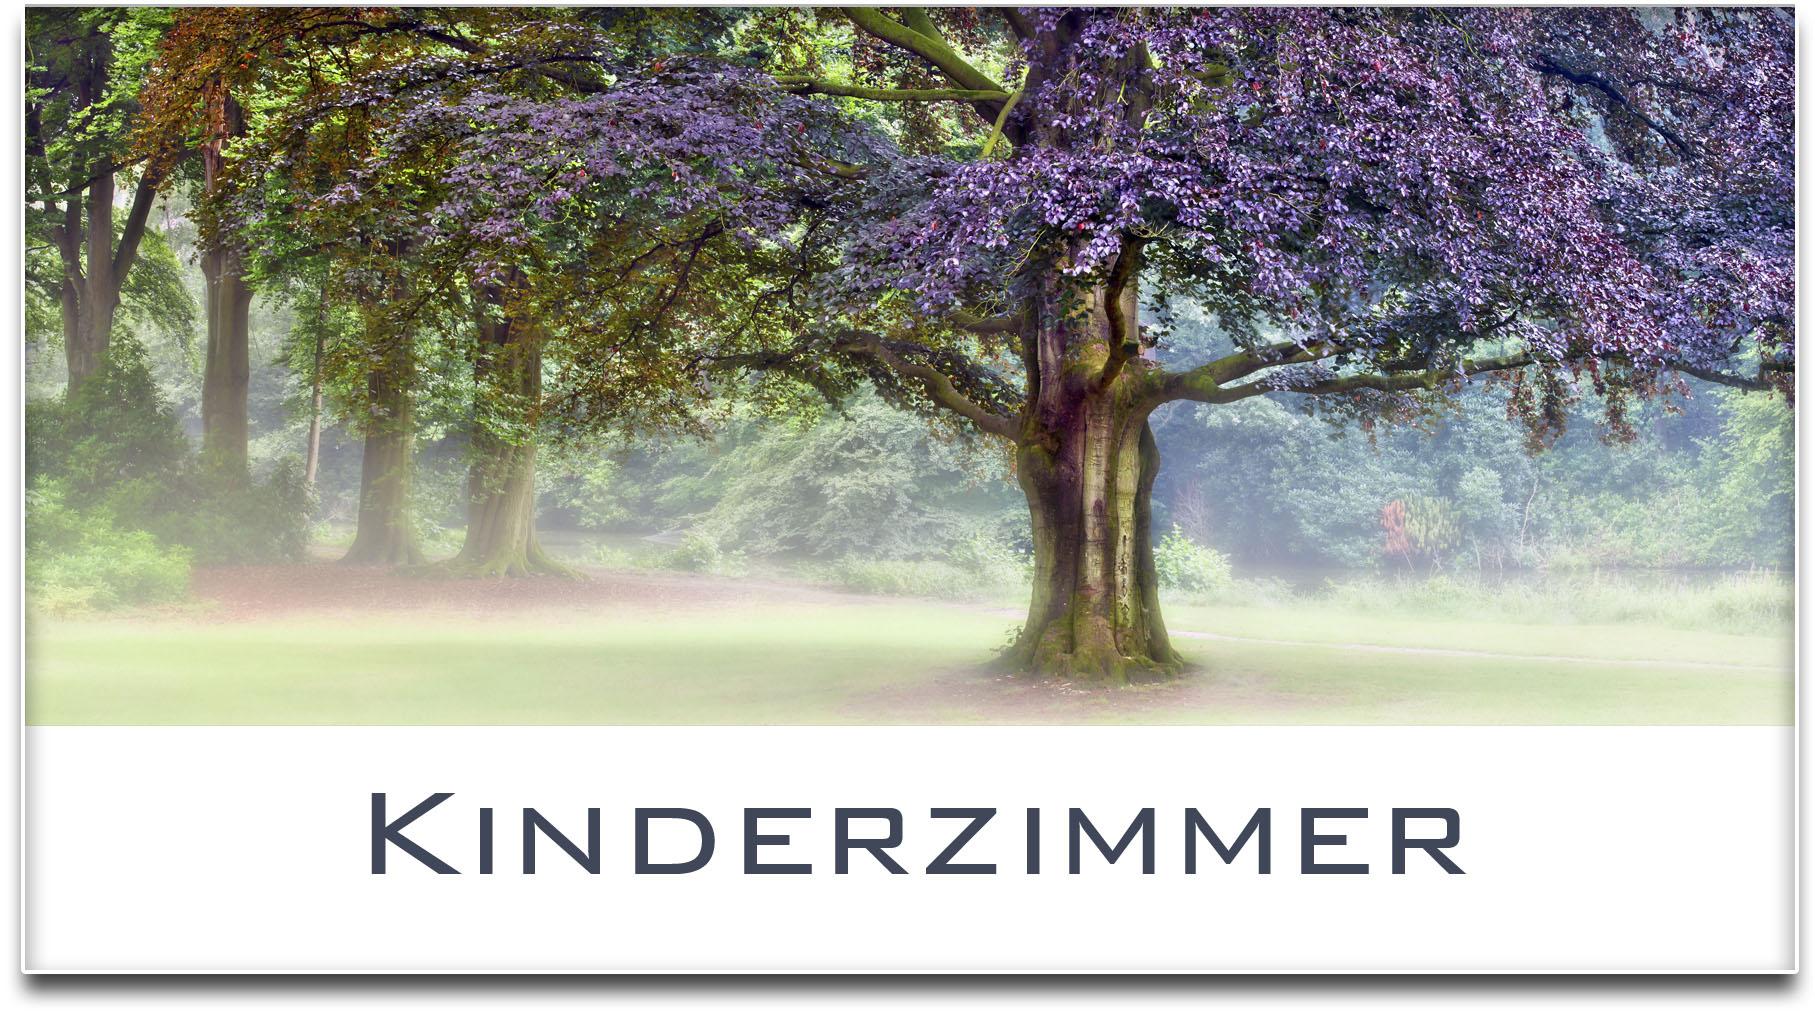 Türschild / Haustürschild / Blutbuche / Baum / Kinderzimmer / Selbstklebend